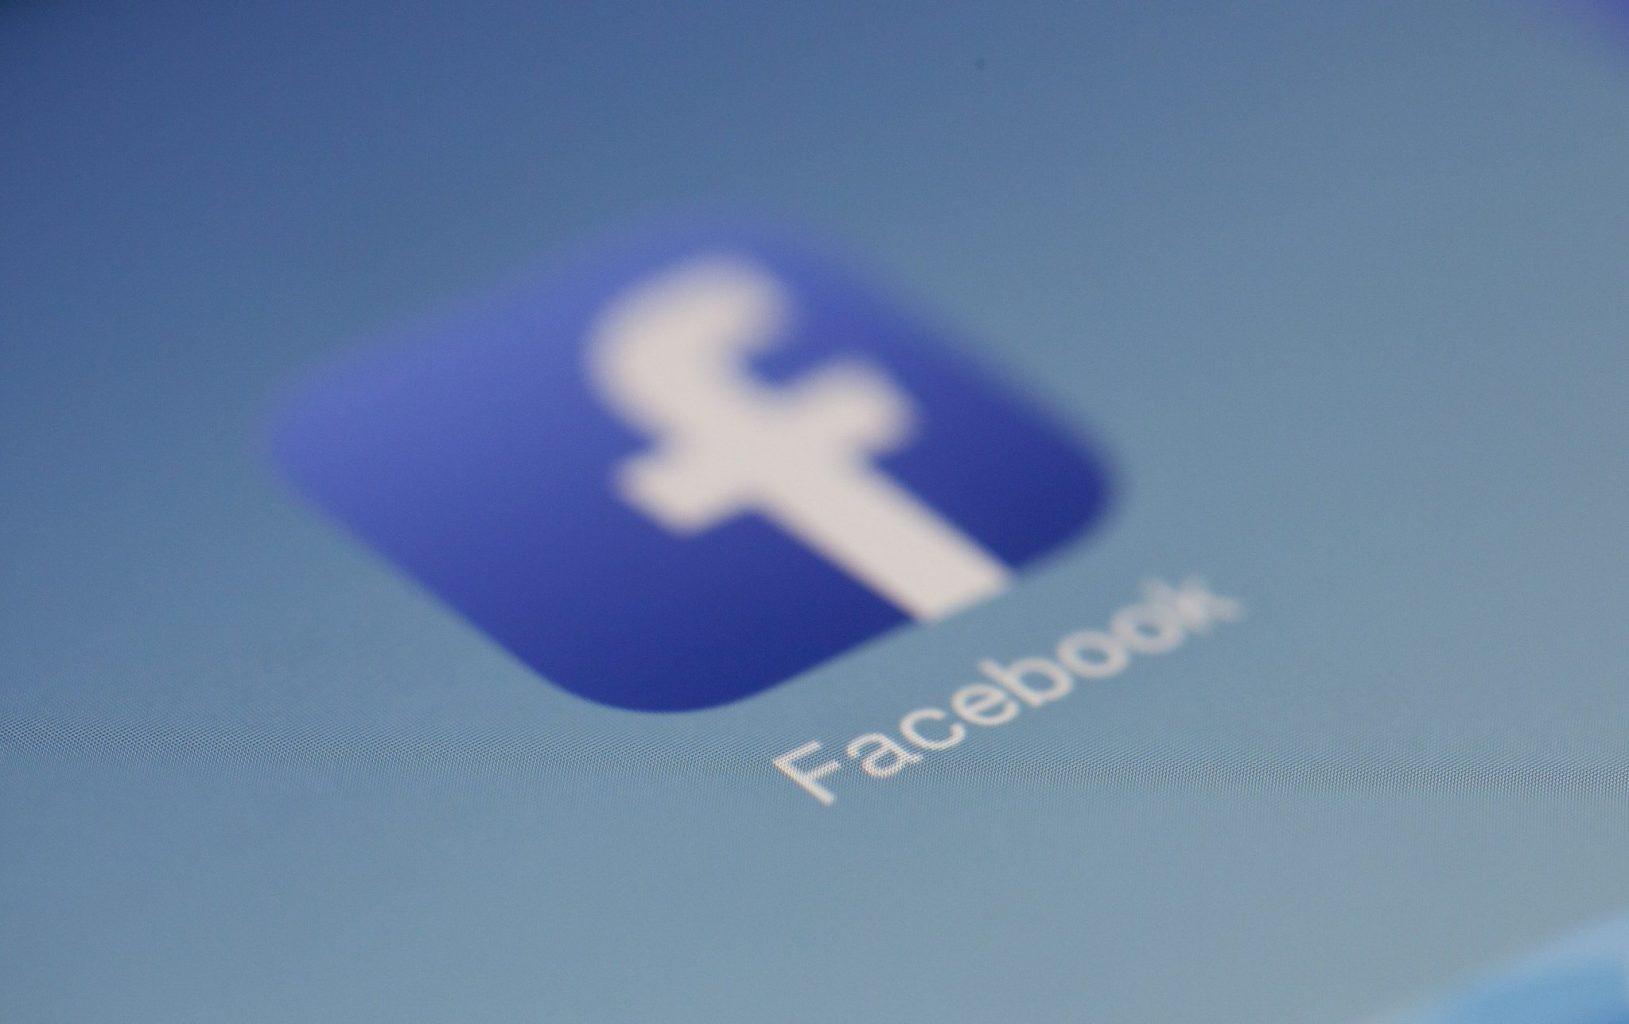 Conquistare Facebook? Ecco 3 consigli da seguire